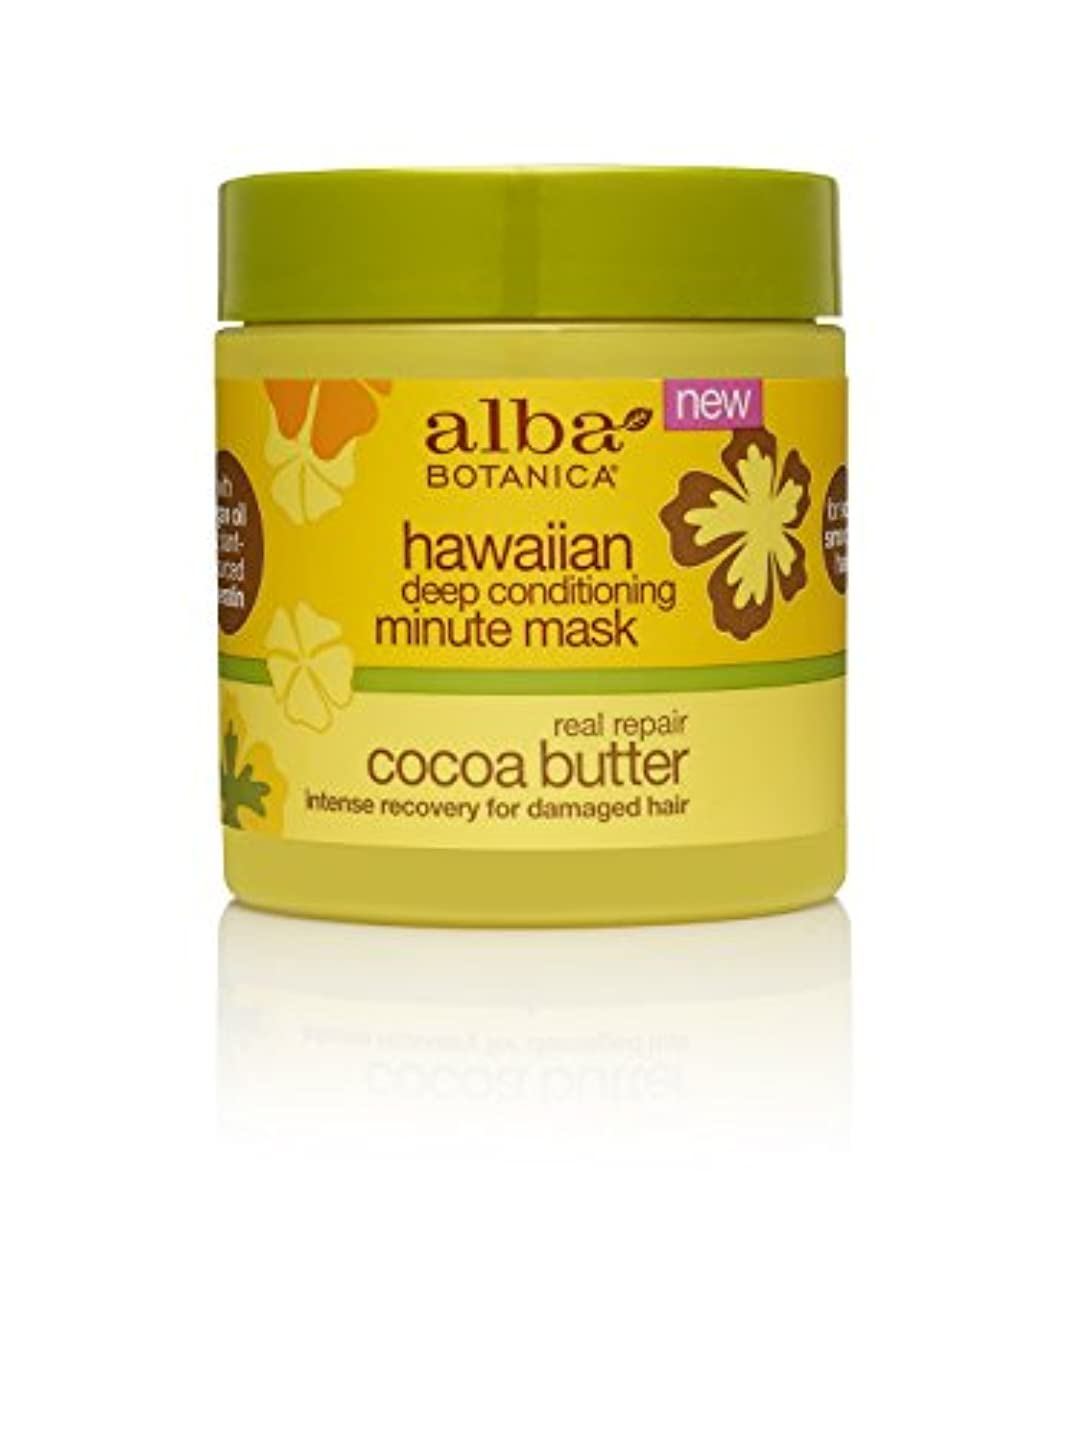 吸収する前提ベジタリアン海外直送品Hawaiian Deep Conditioning Real Repair Minute Mask, Cocoa Butter 5.5 oz by Alba Botanica